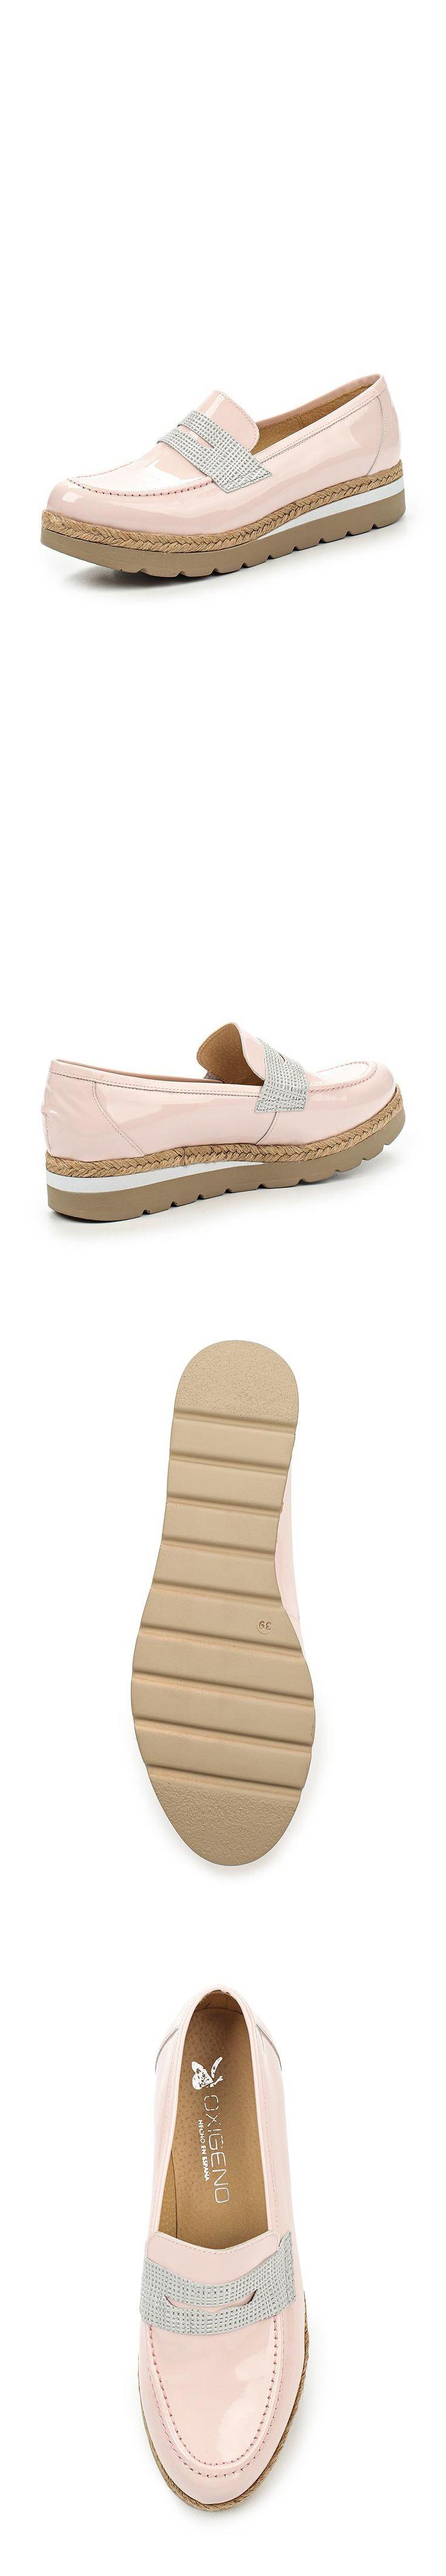 Женская обувь лоферы Oxigeno за 7120.00 руб.